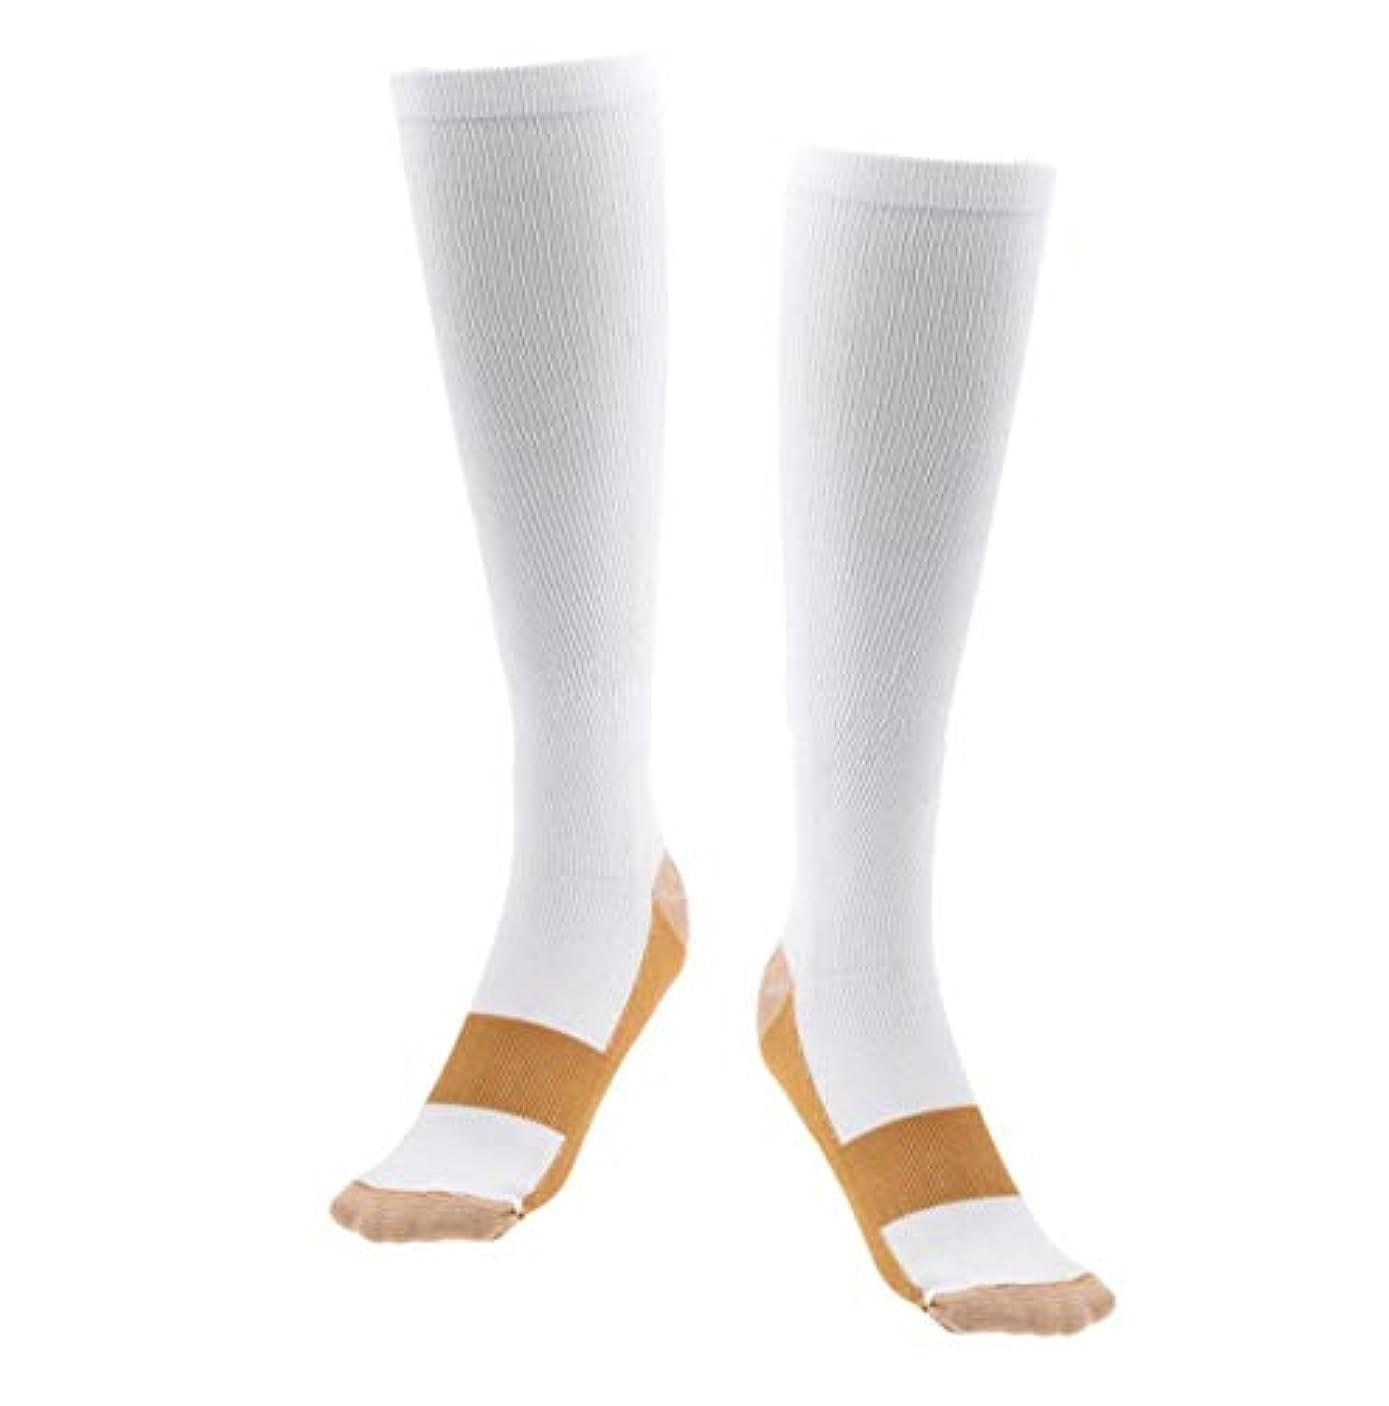 安らぎシステムロマンチック着圧ソックス 銅圧縮 コンプレッションソックス 膝下 抗疲労 男女兼用ユニセックス (S/M, ホワイト)